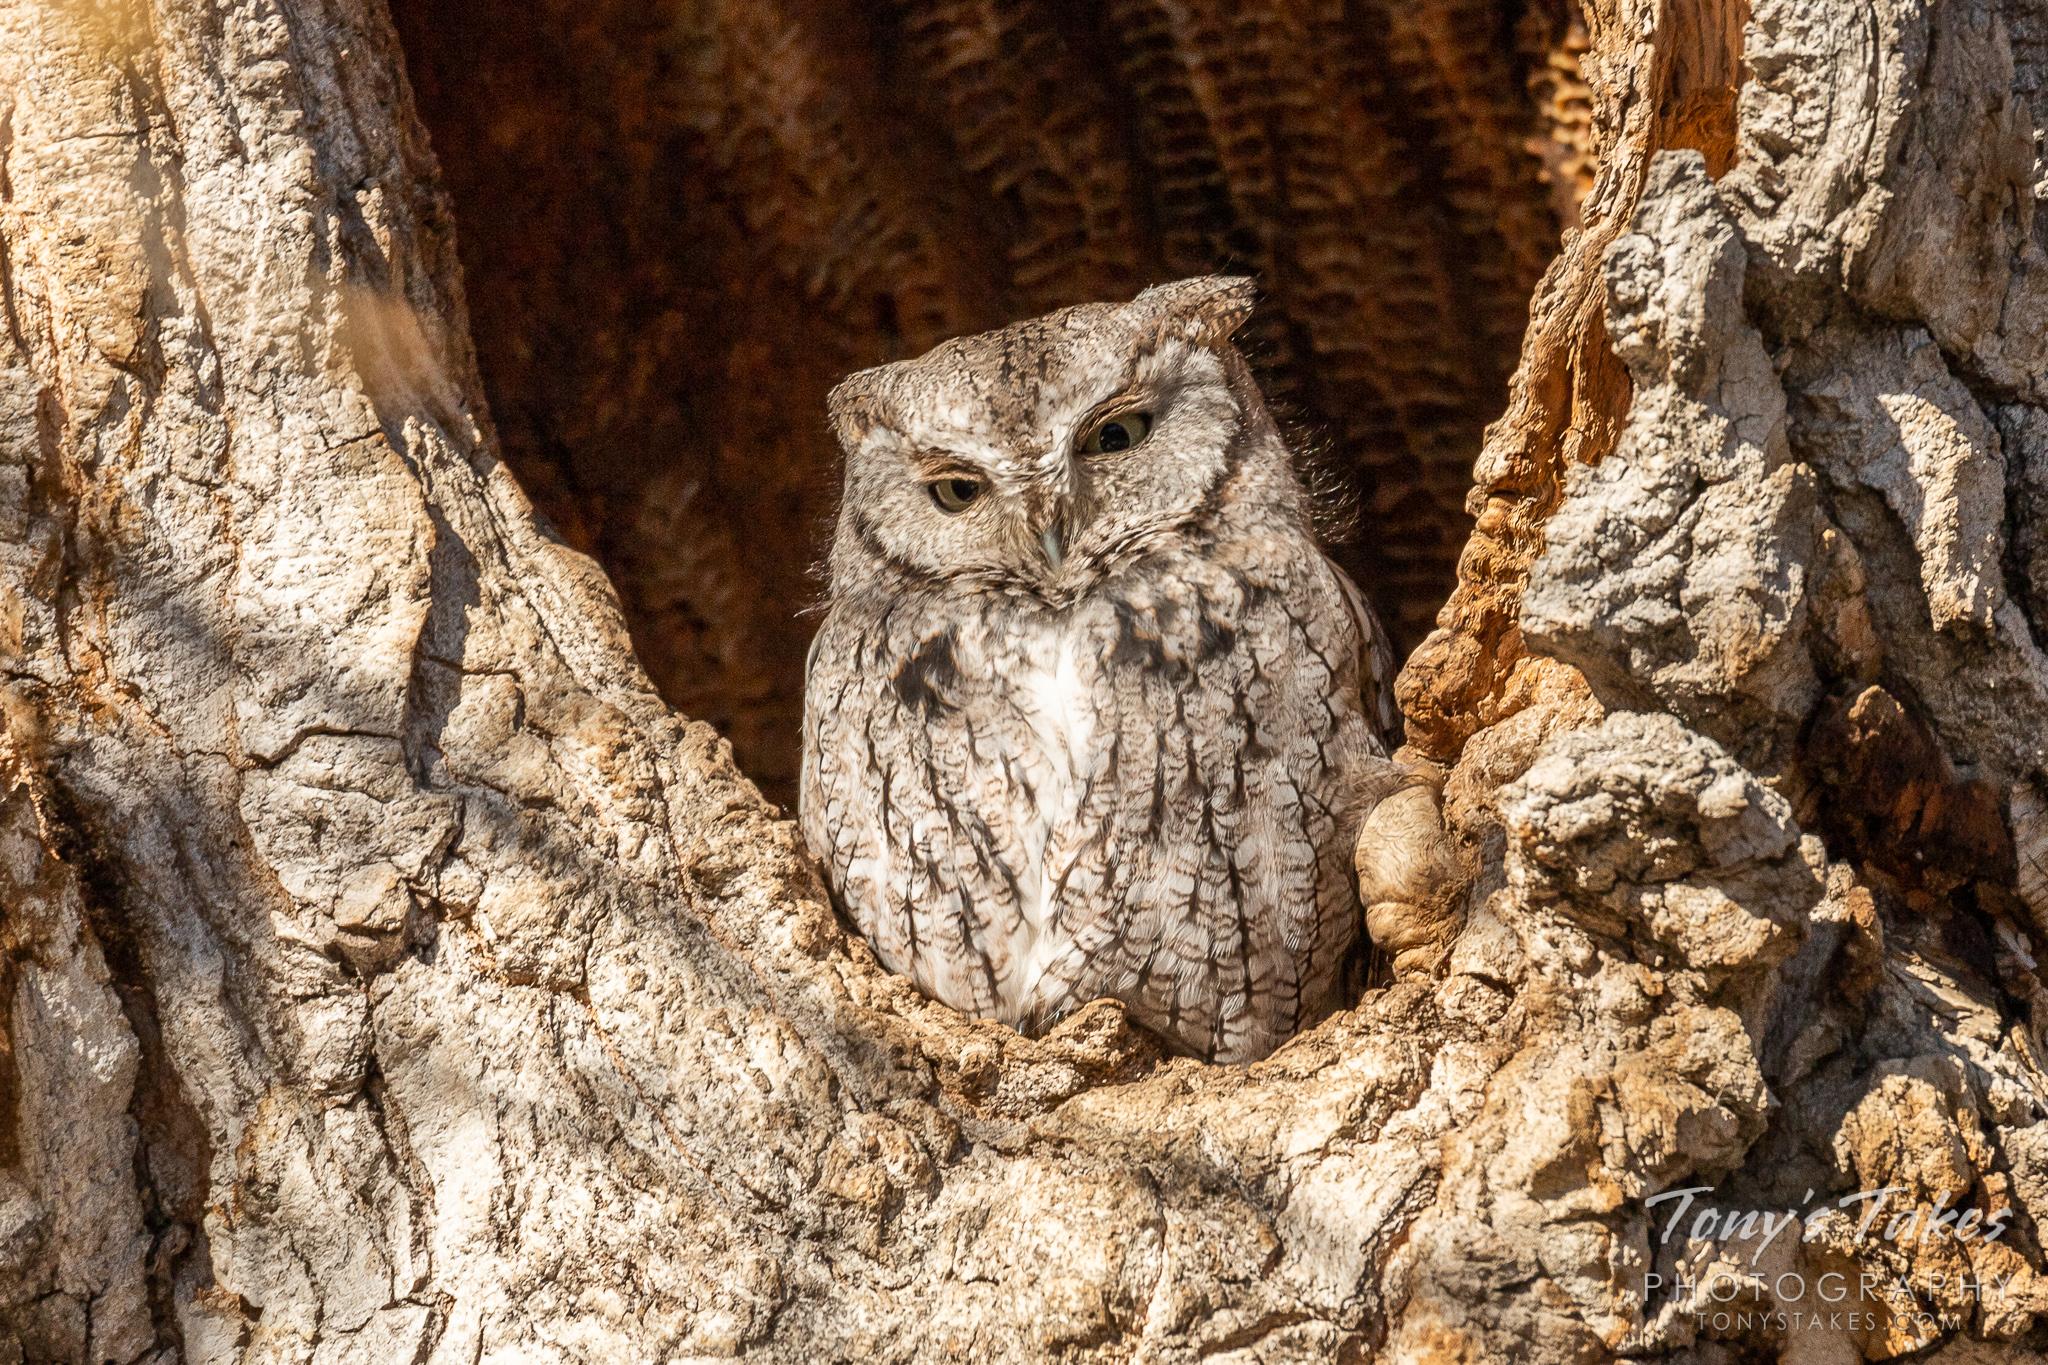 Little Screech Owl awakens from its nap